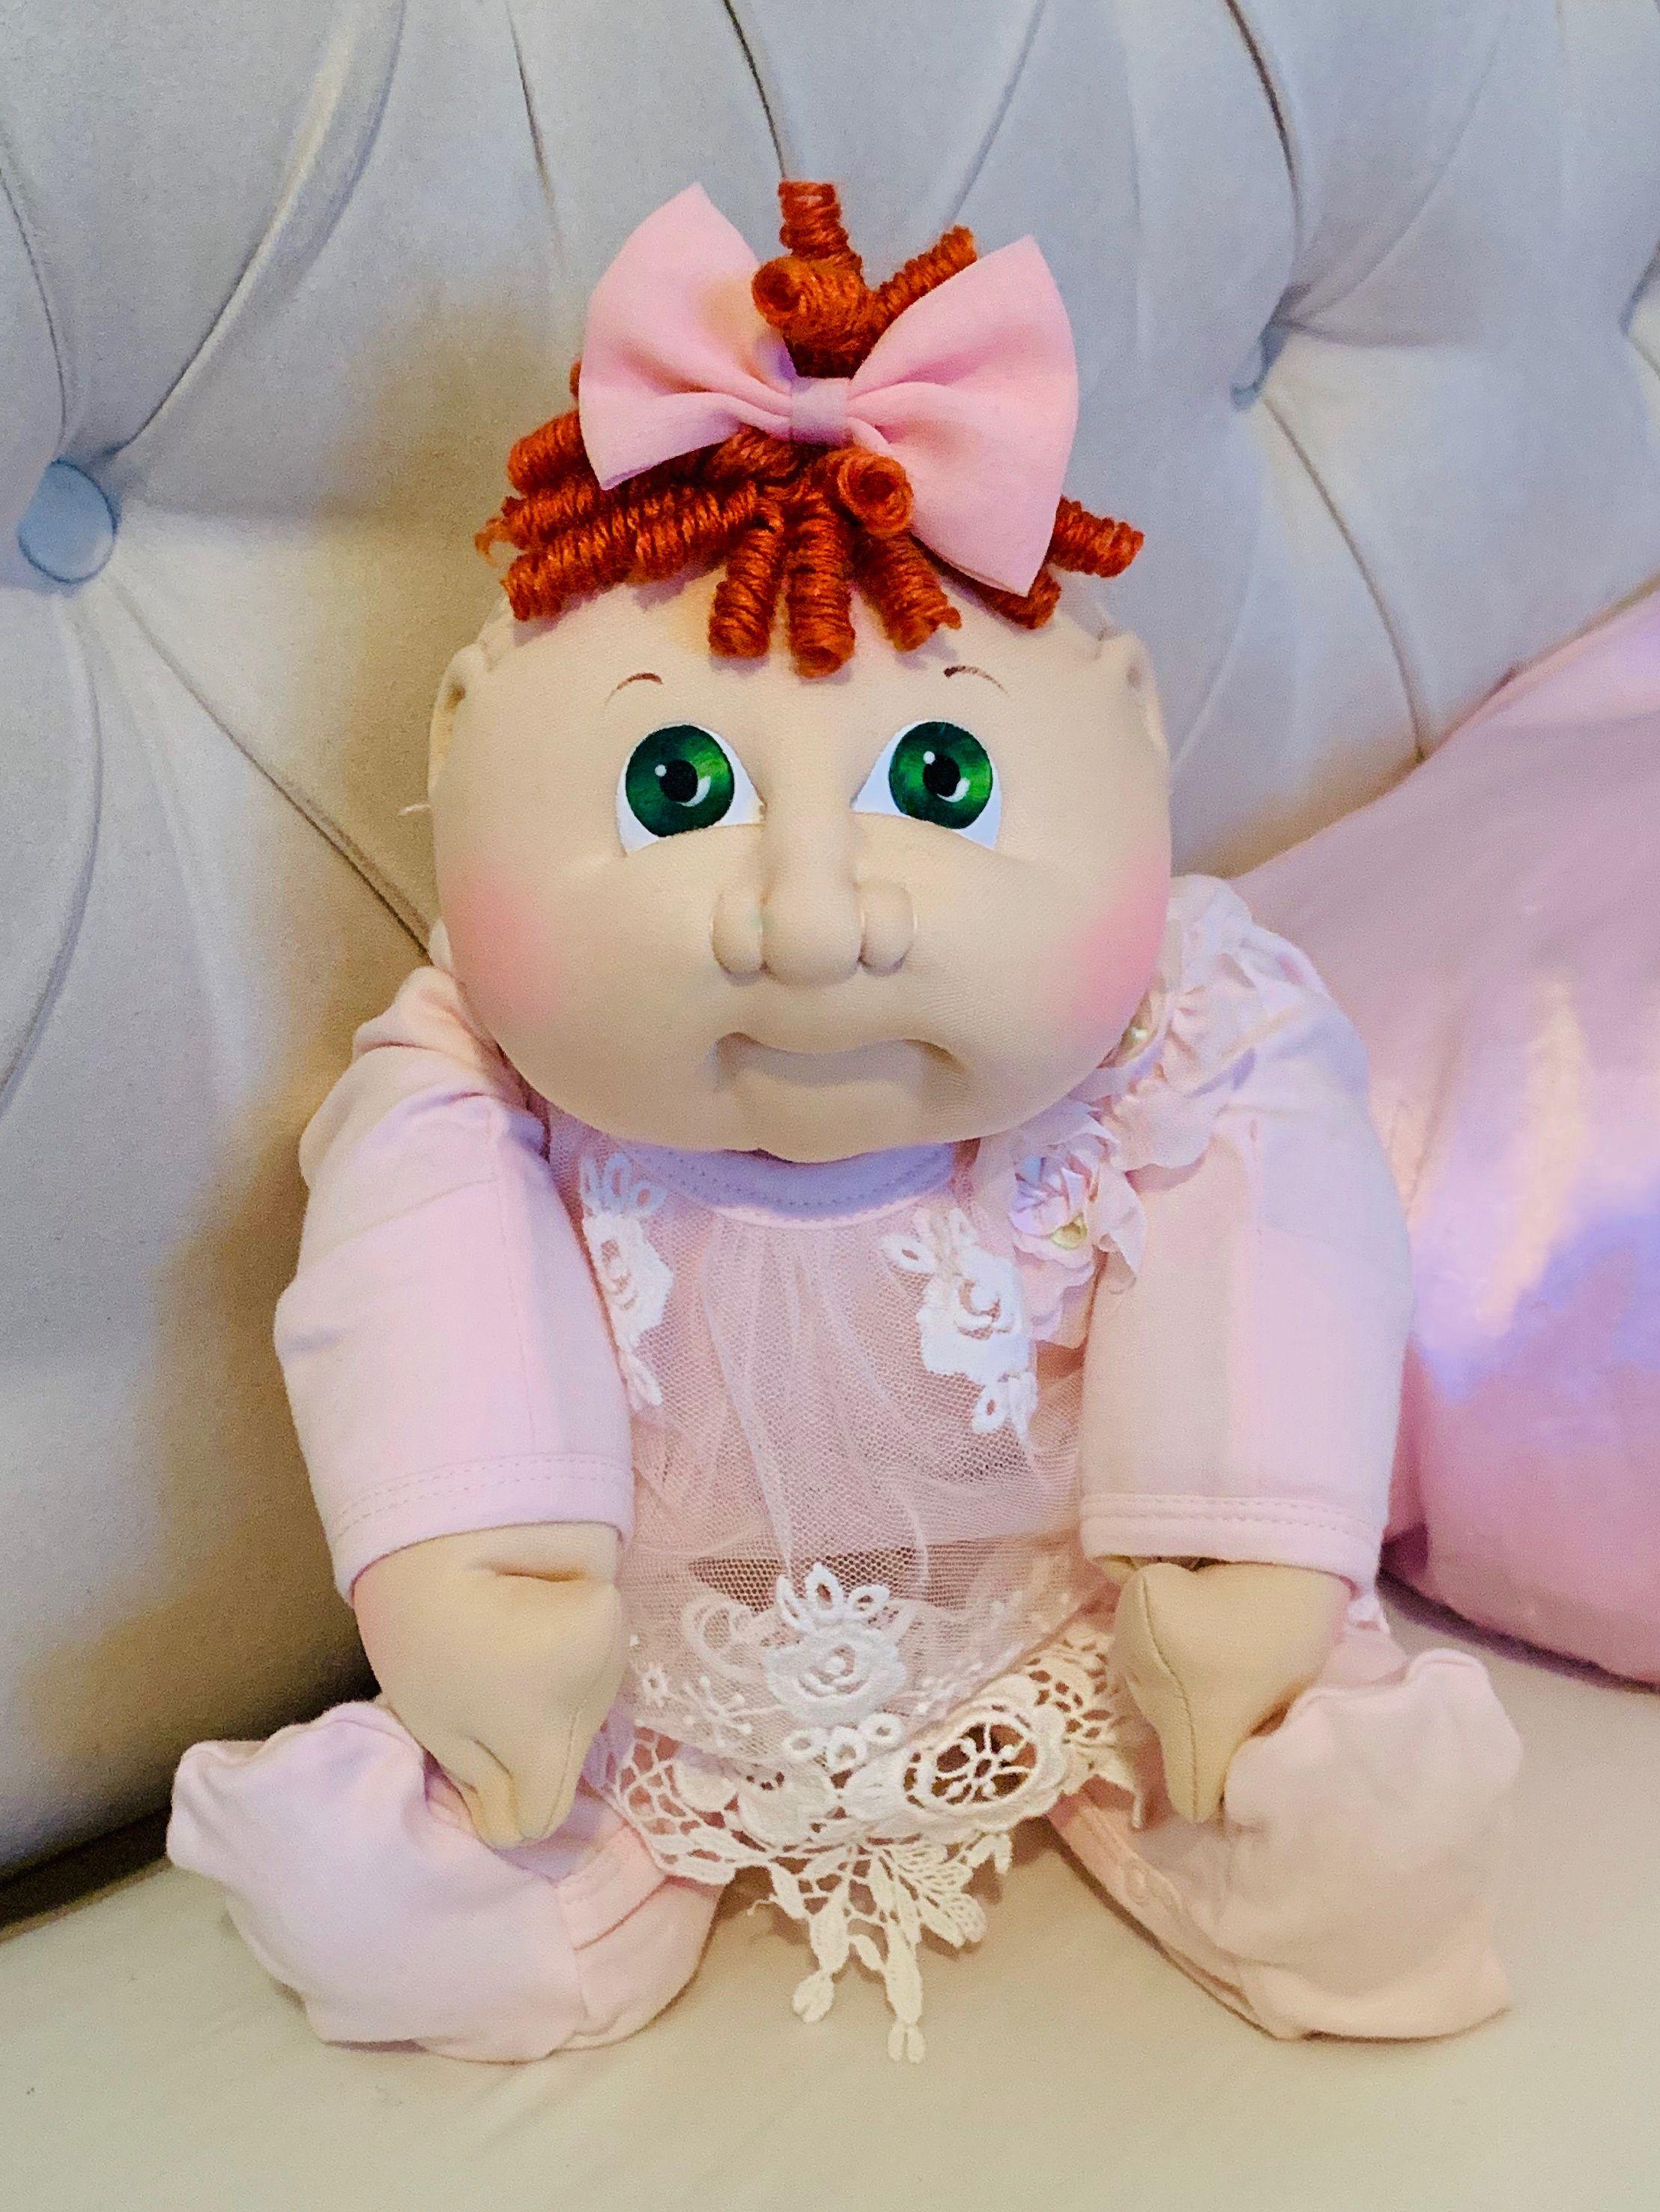 Pin By Joceliane Cezar On Cabbage Patch Kids Cabbage Patch Babies Cabbage Patch Kids Dolls Cabbage Patch Kids